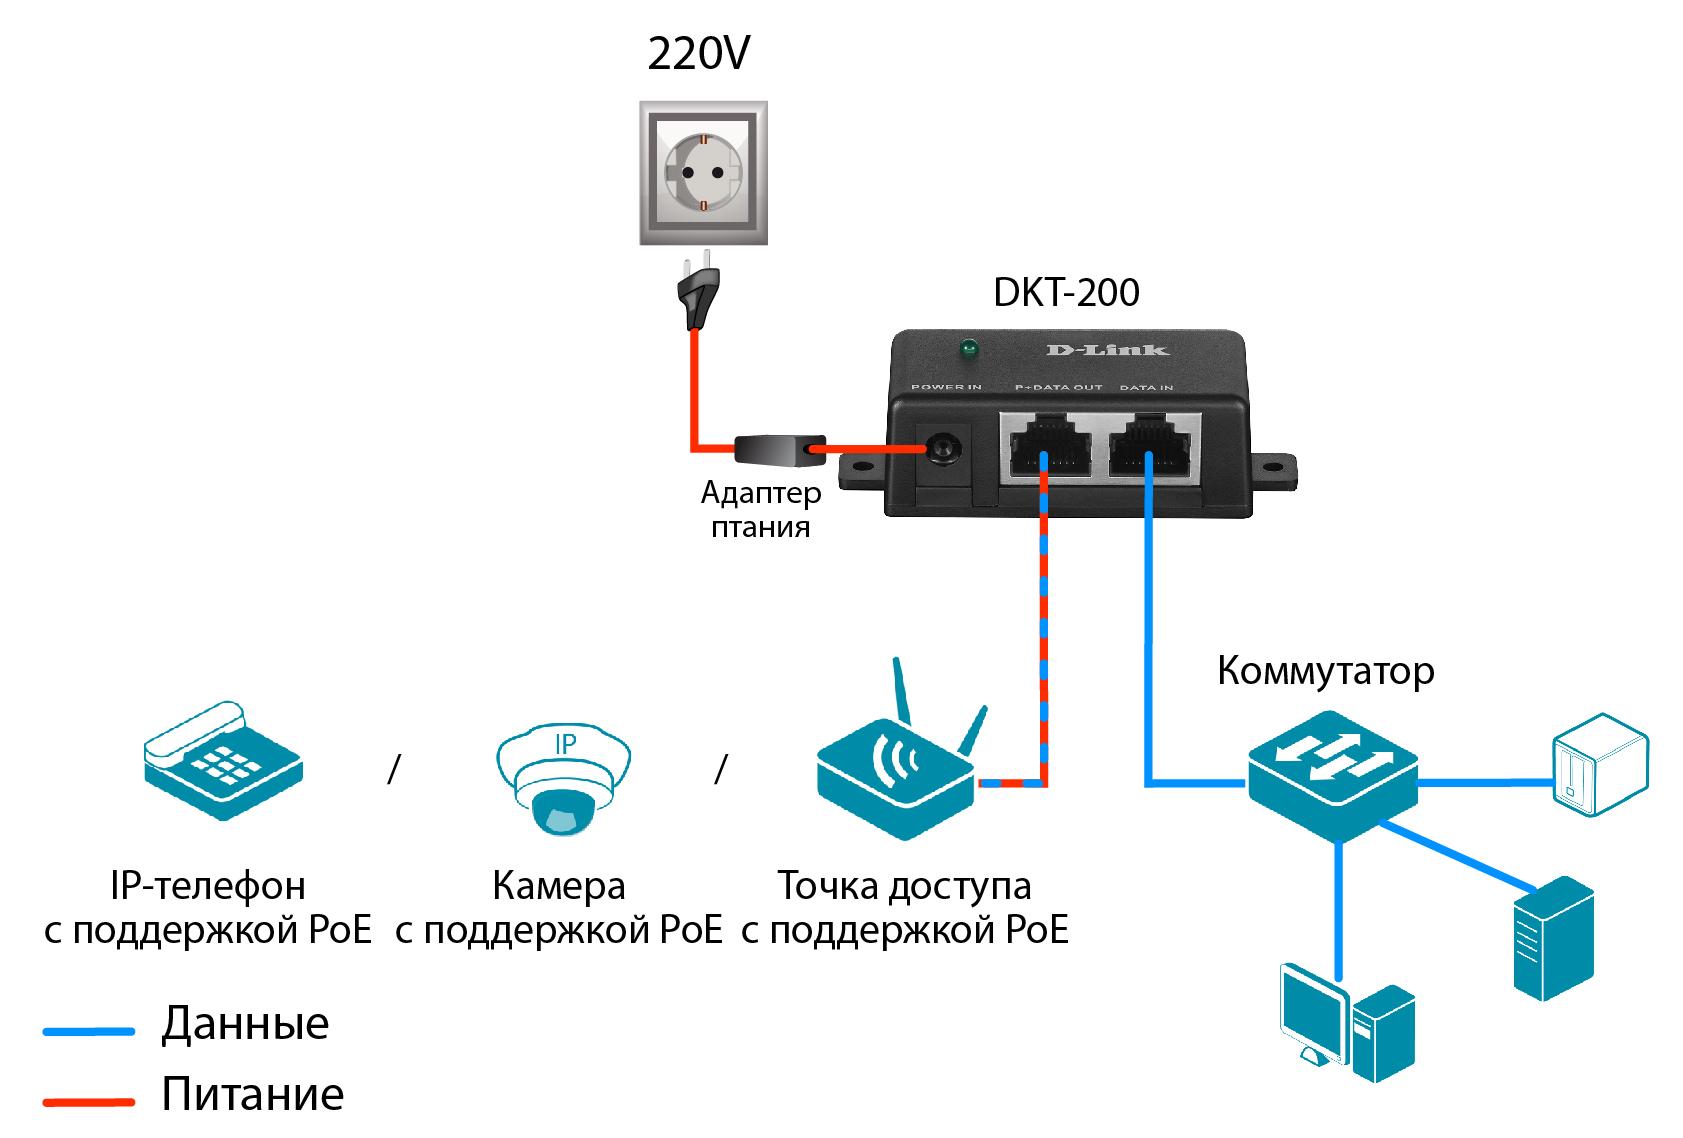 Инжектор poe схема подключения